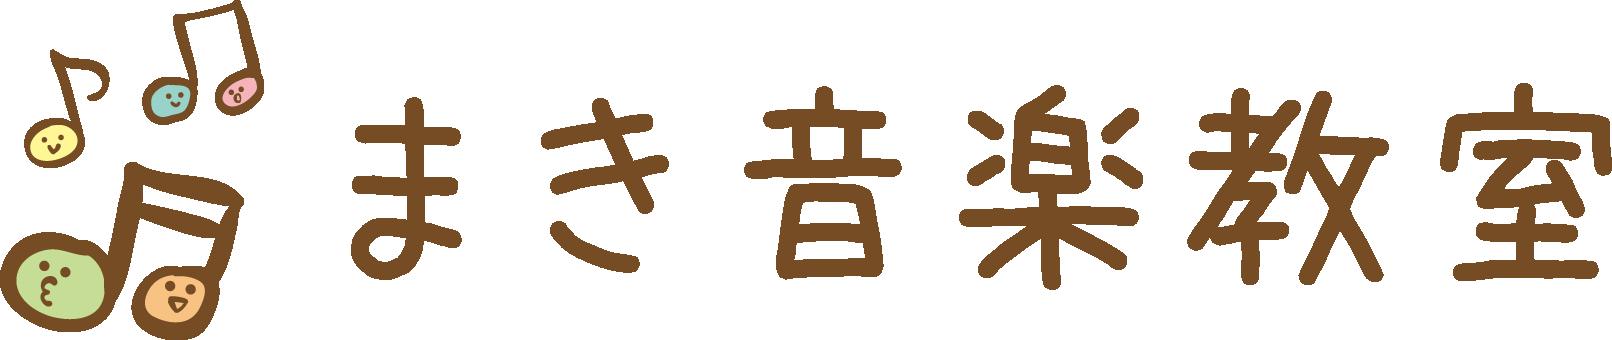 福岡市城南区のリトミック ピアノレッスン まき音楽教室